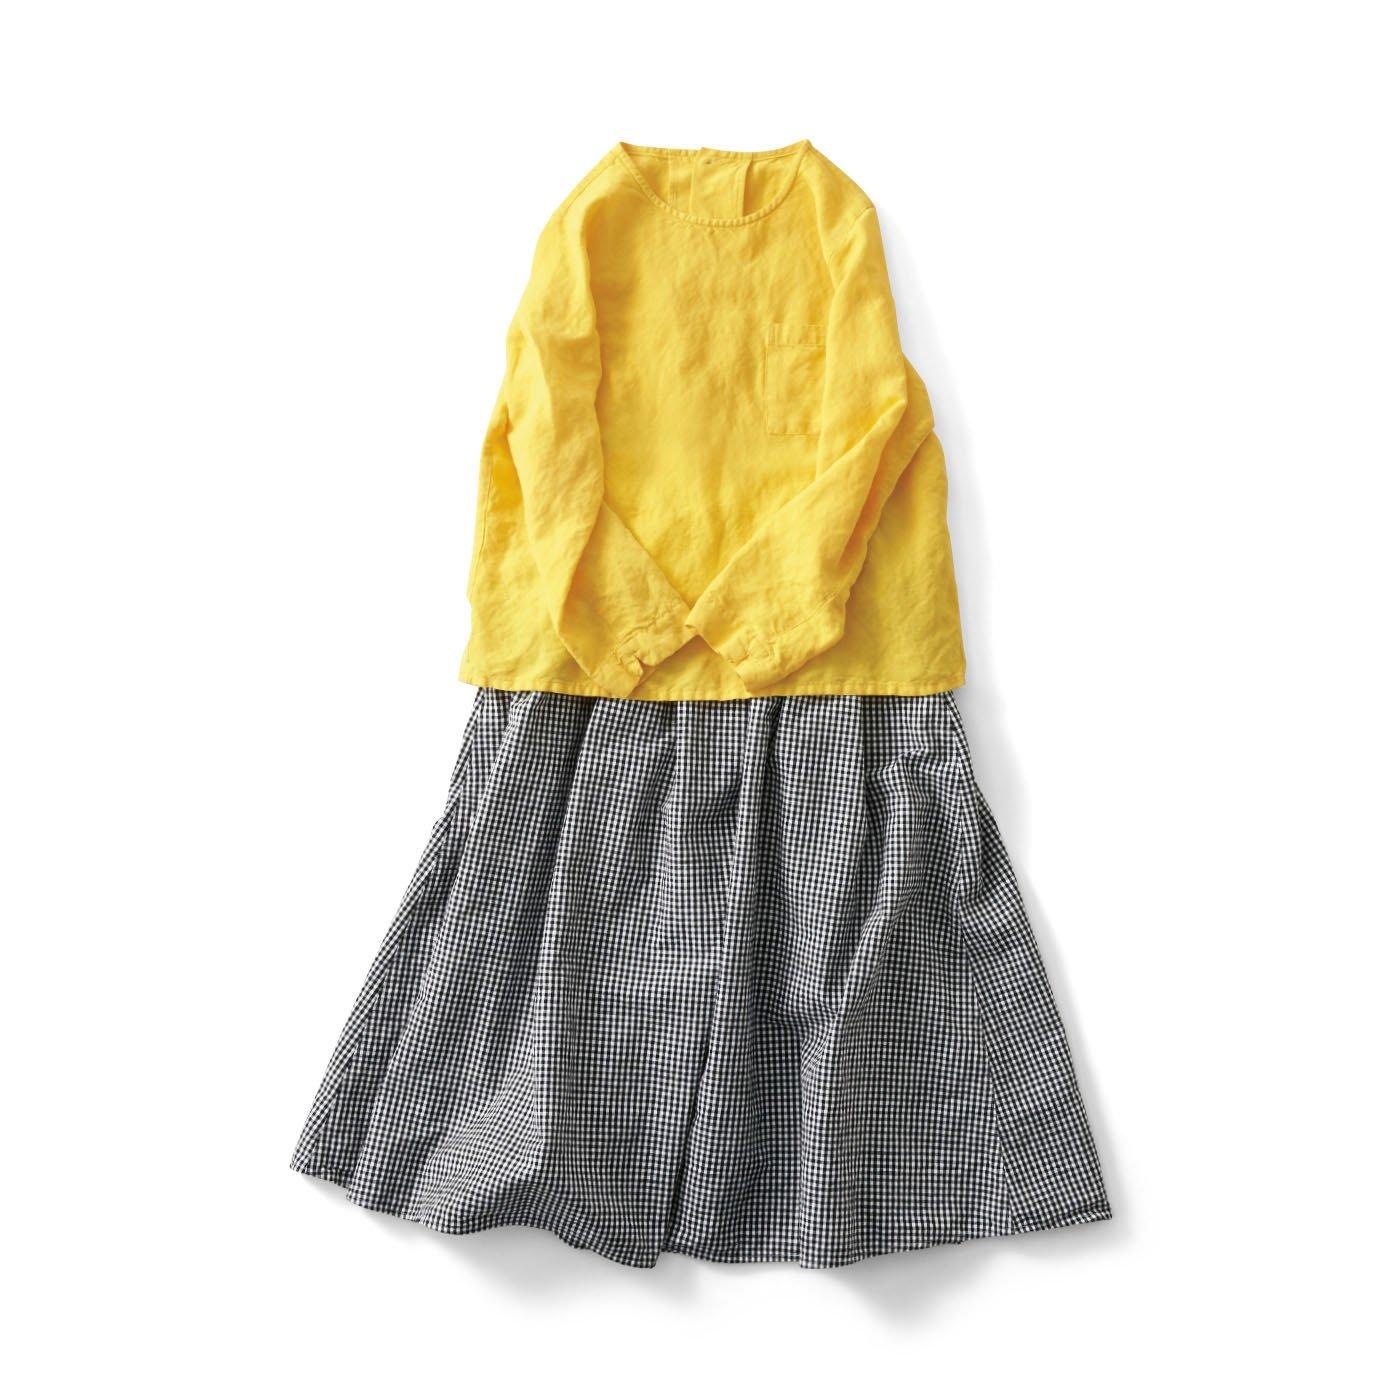 サニークラウズ たんぽぽ色のコーディネイトセット〈レディース〉